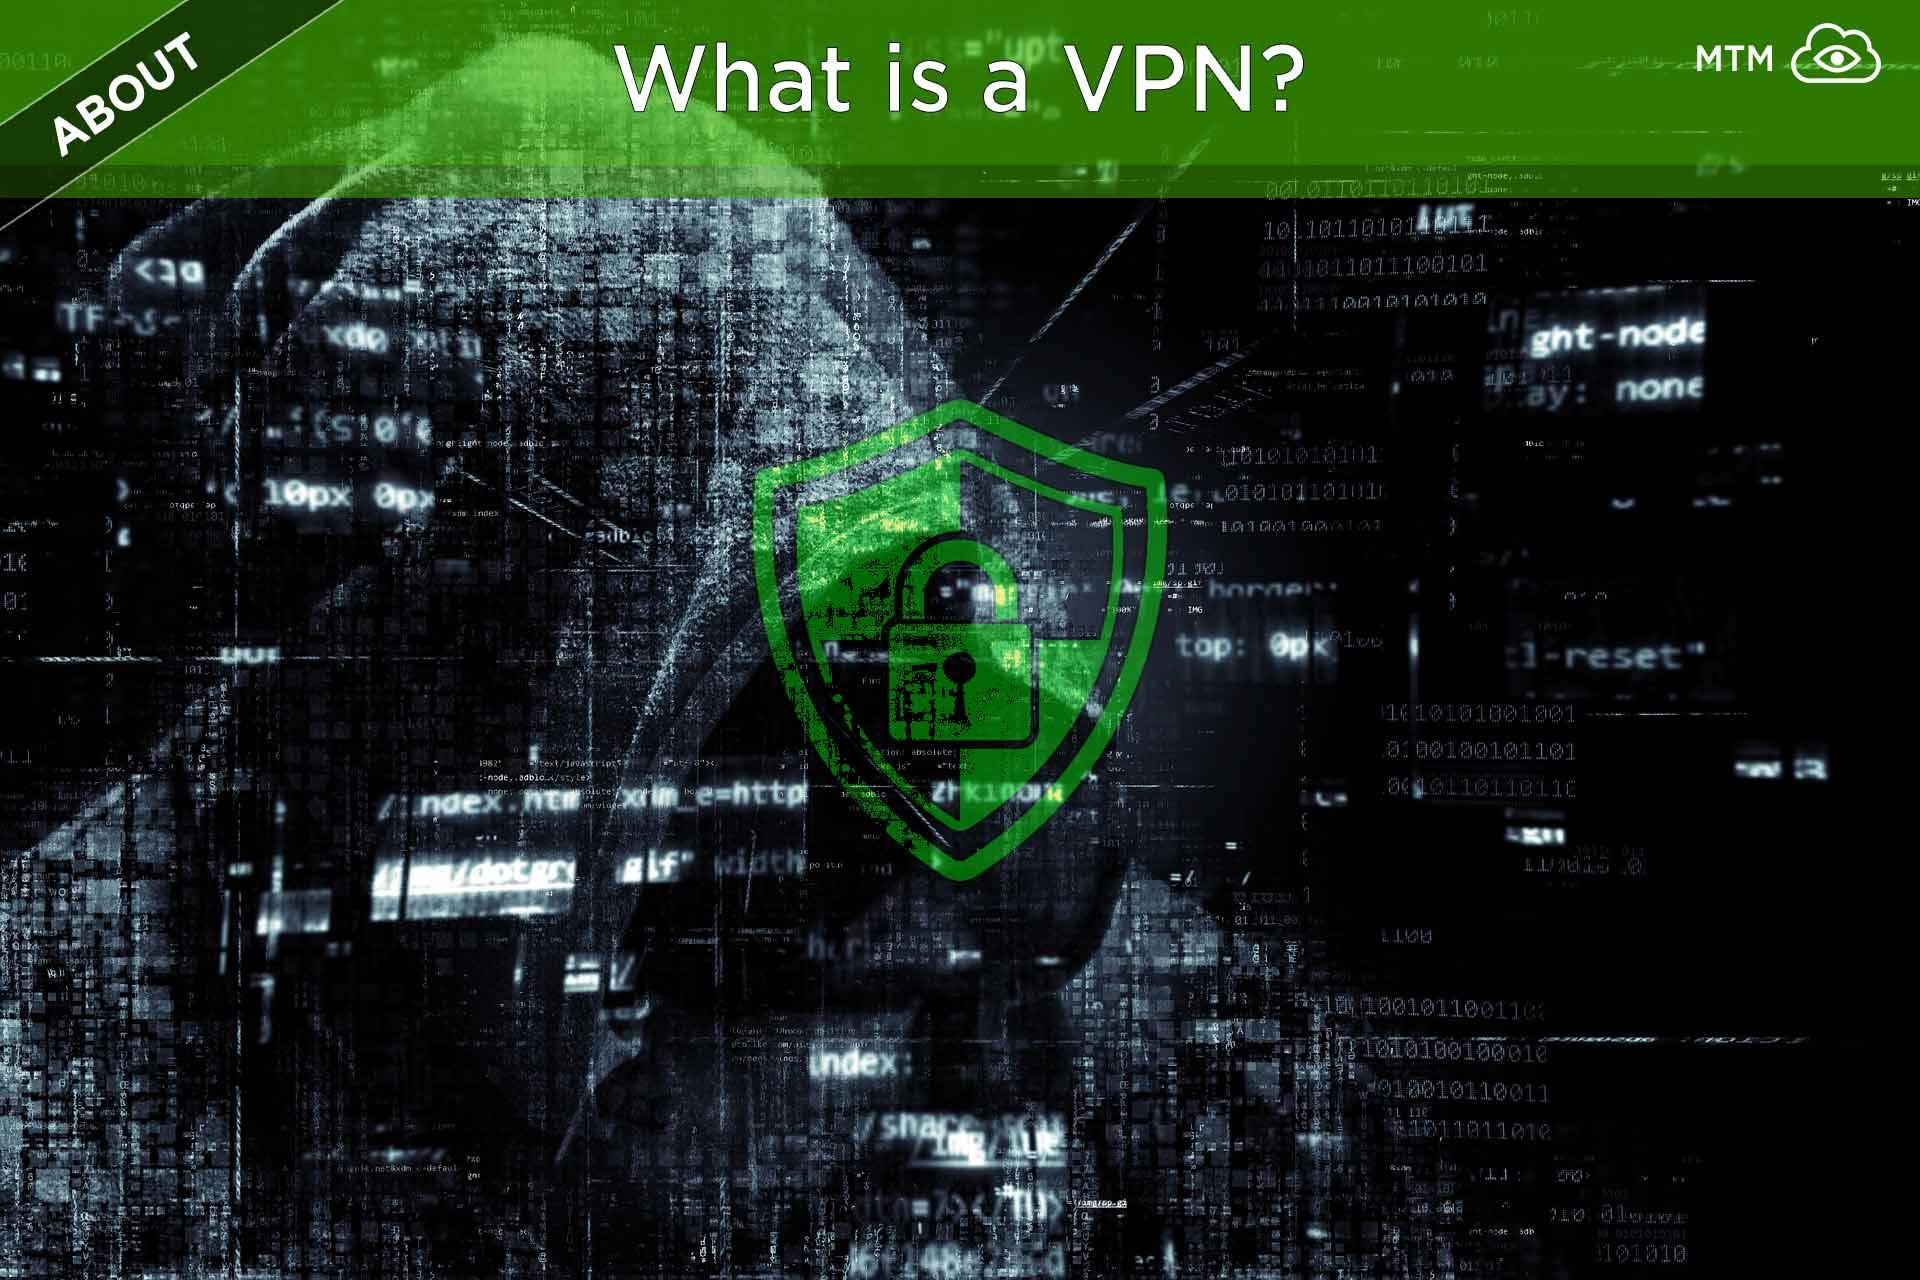 Zer da VPN bat? Nola funtzionatzen dute VPNek? VPN bat behar al dut?